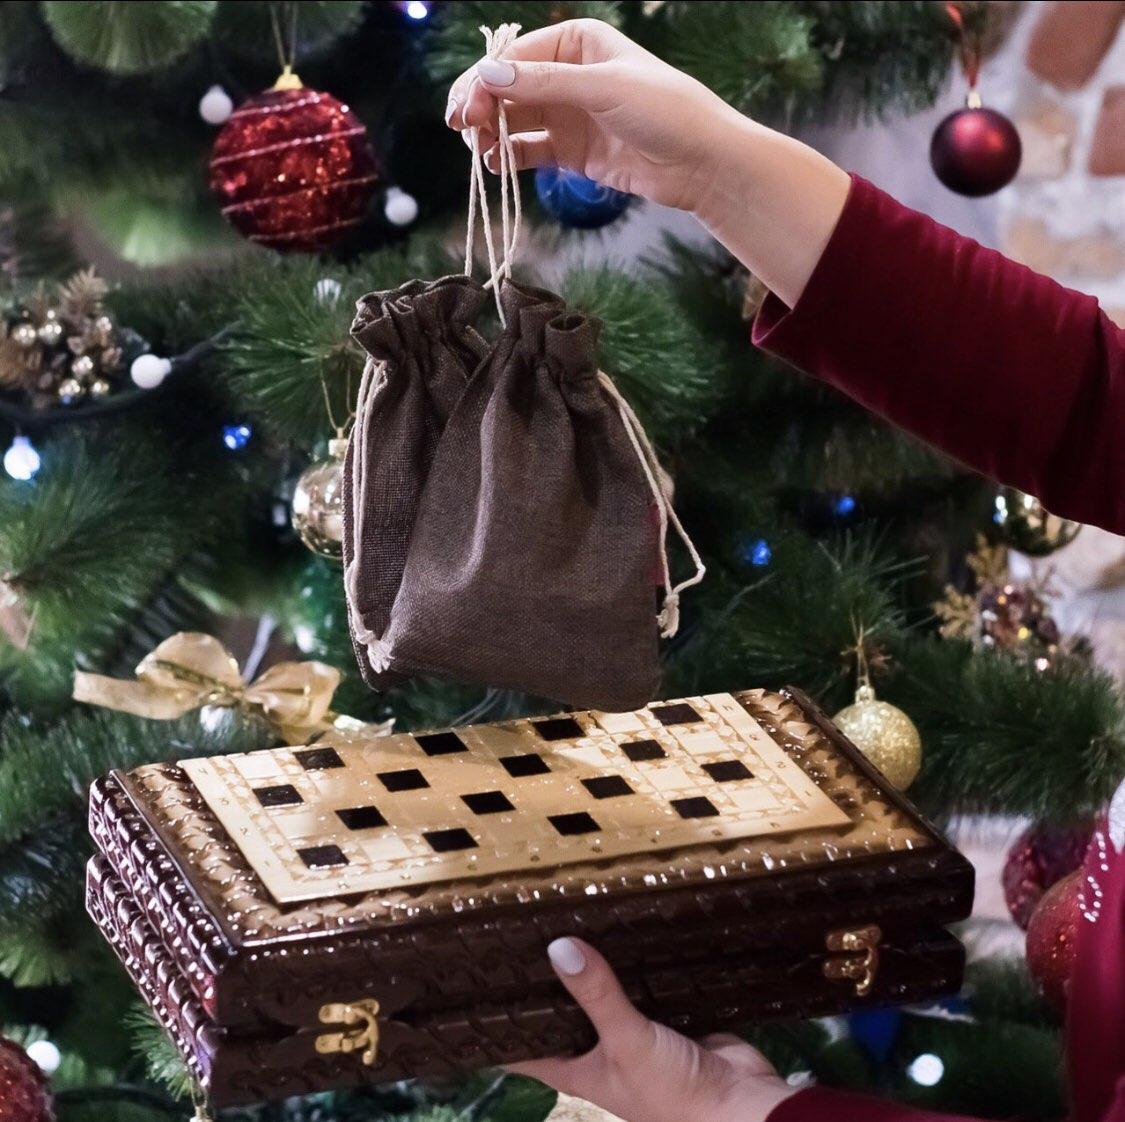 Шахматы и нарды ручной работы, эксклюзивная резьба по дереву